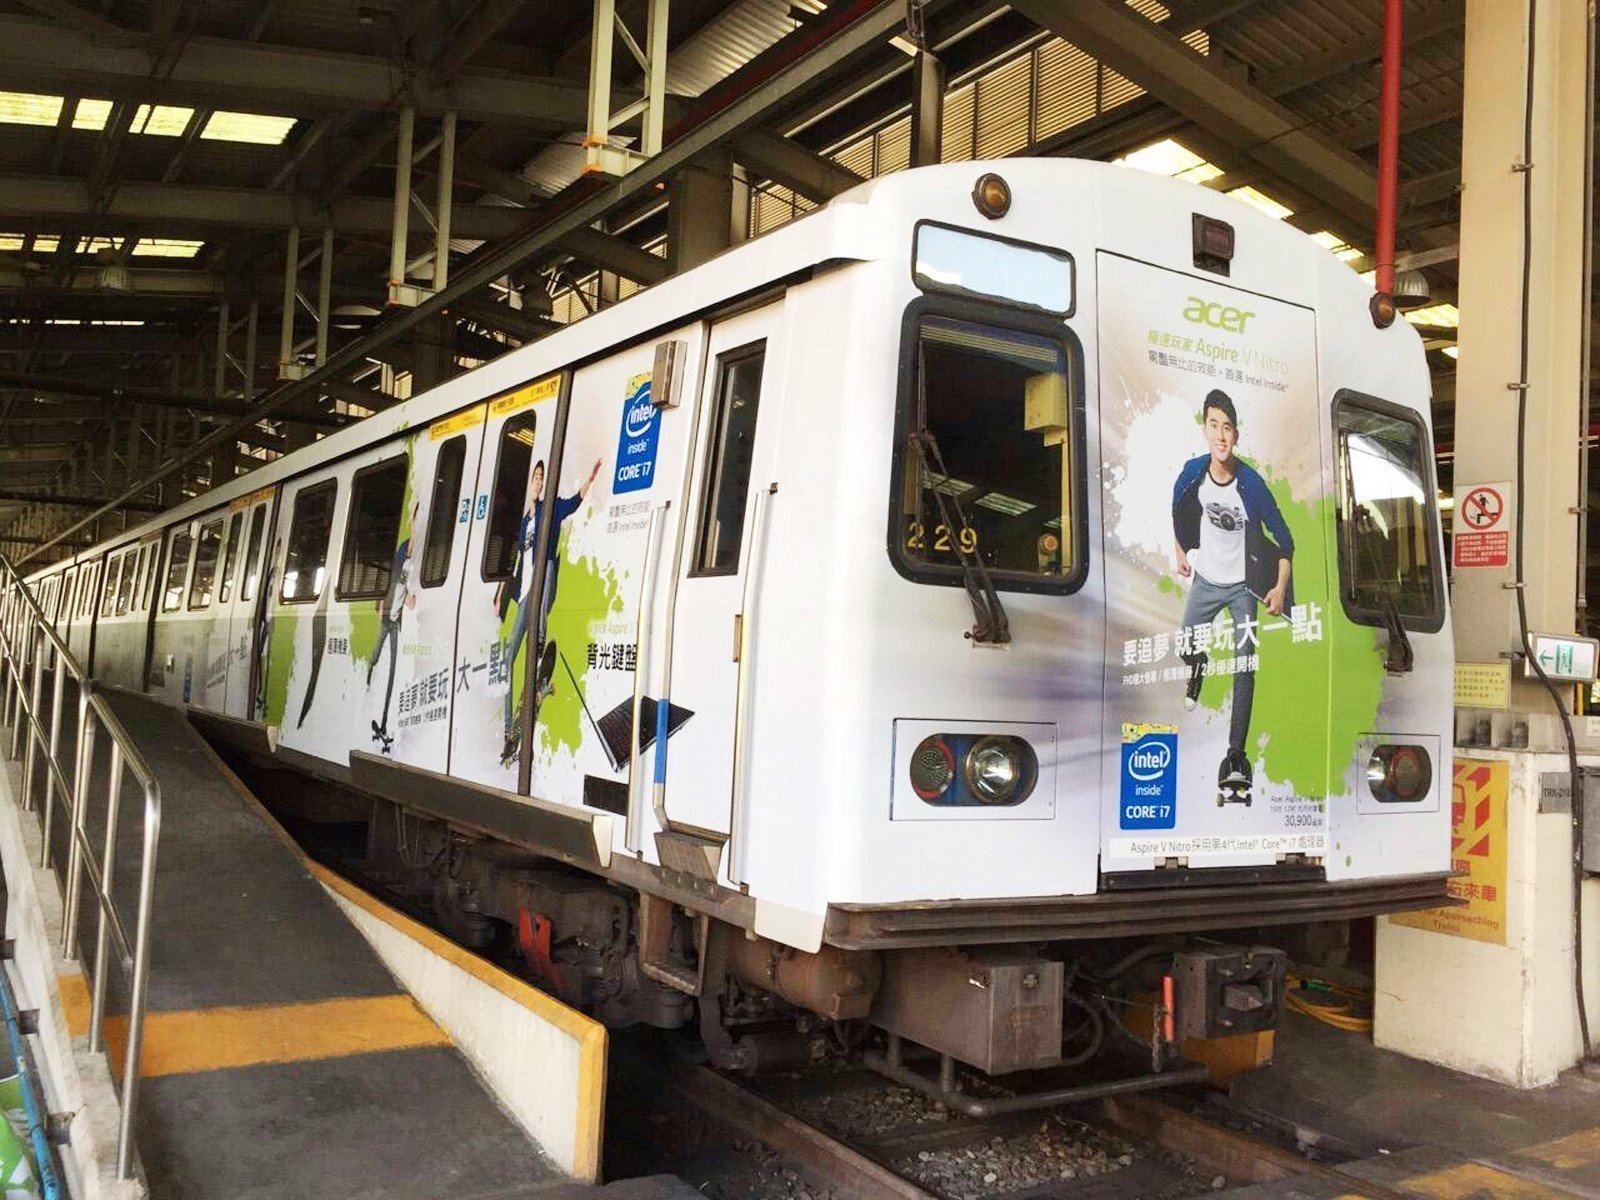 台北捷運彩繪列車 Acer